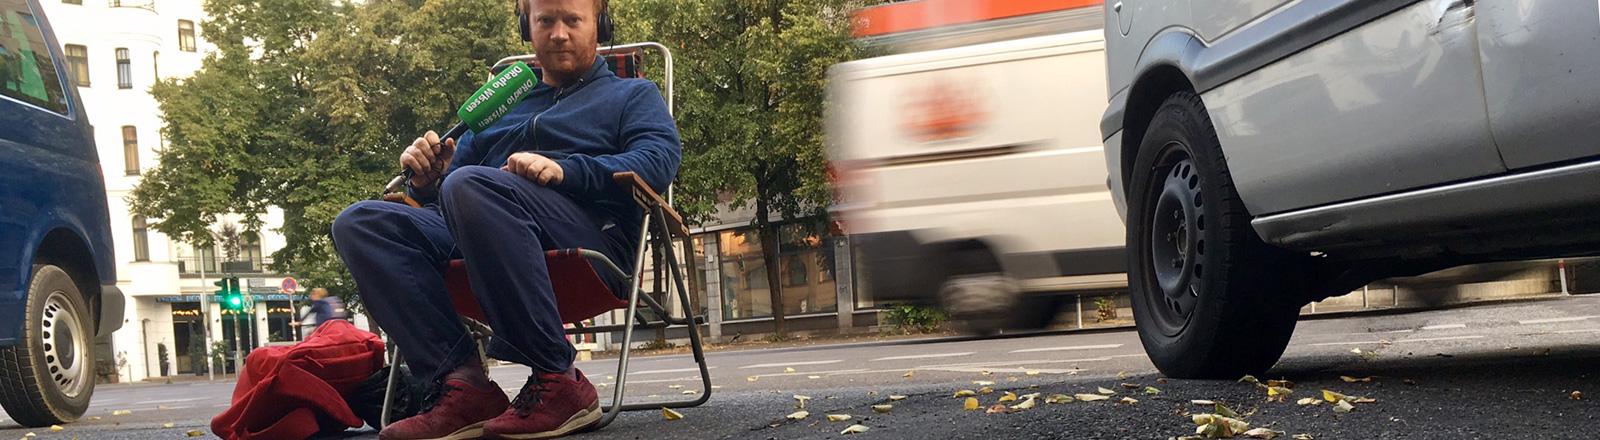 Reporter Moritz Metz sitzt auf einem Liegestuhl auf einem Parkplatz mitten in Berlin.